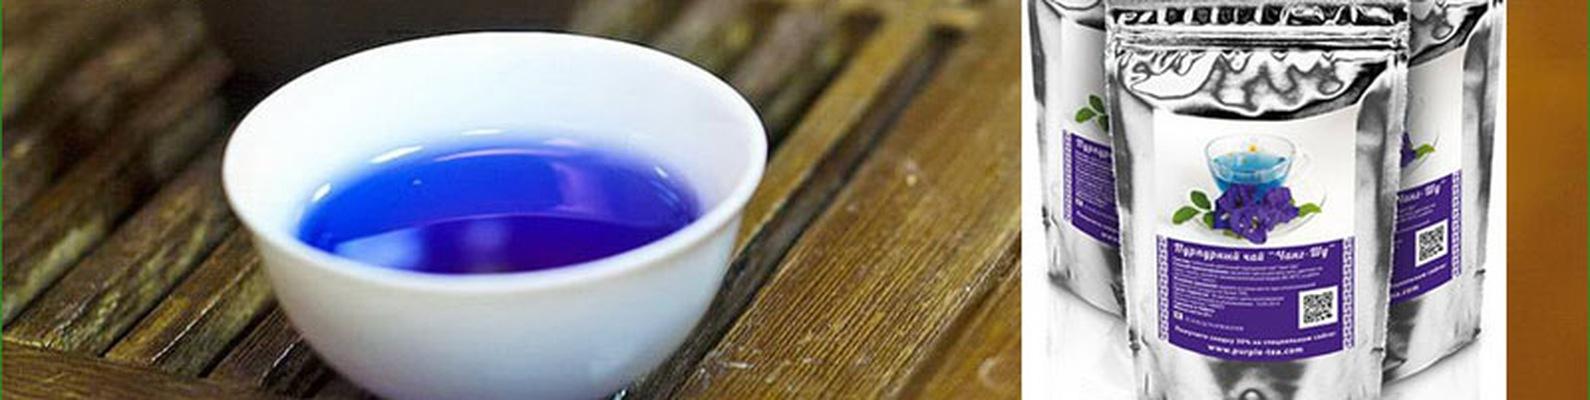 Купить чай для похудения чанг шу в москве